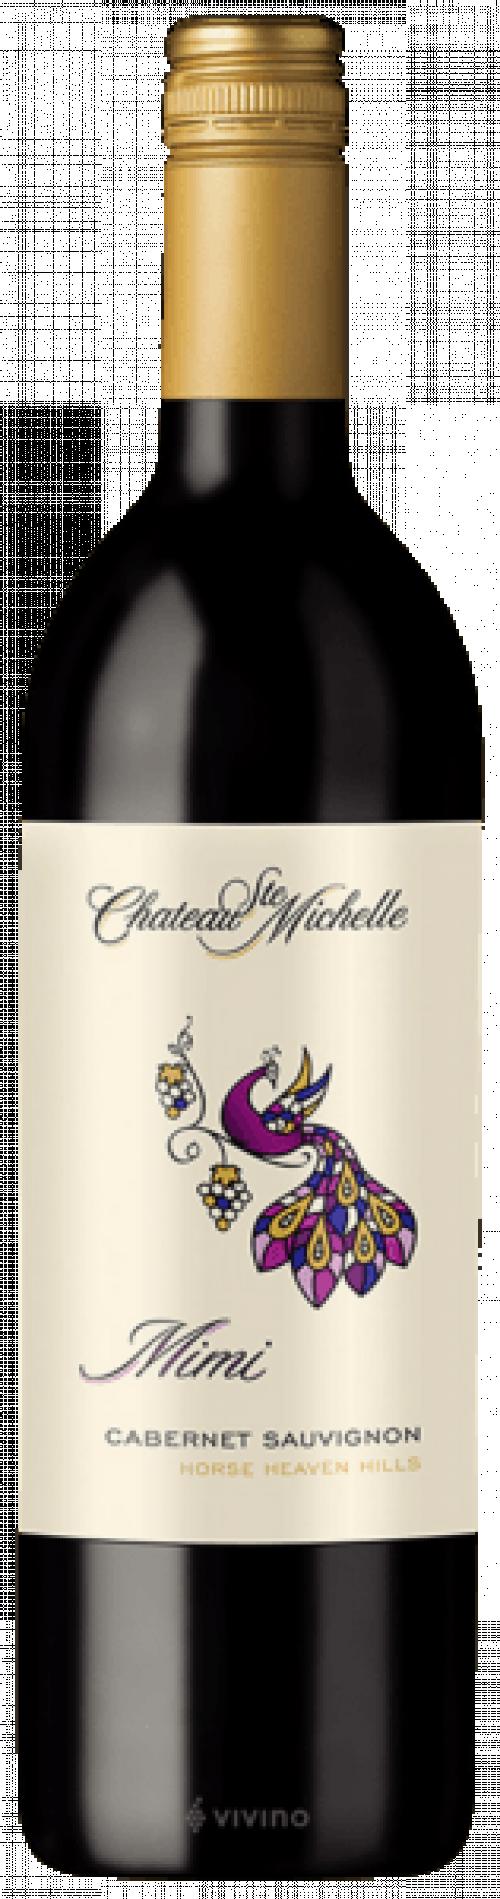 Chateau Ste Michelle Mimi Cabernet Sauvignon 750ml